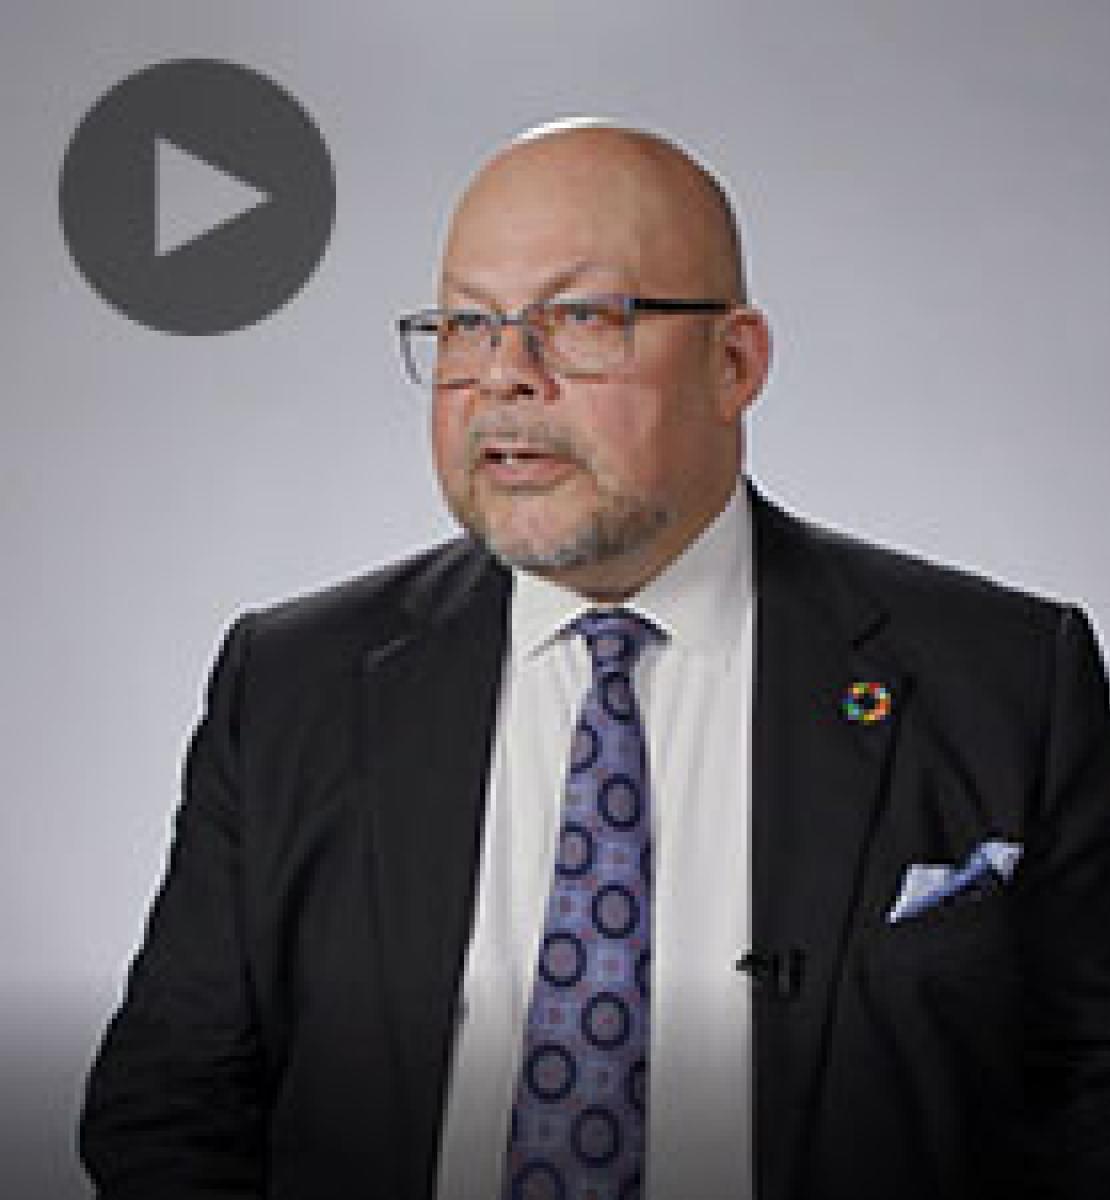 Screenshot from video message shows Resident Coordinator, Sunil Saigal